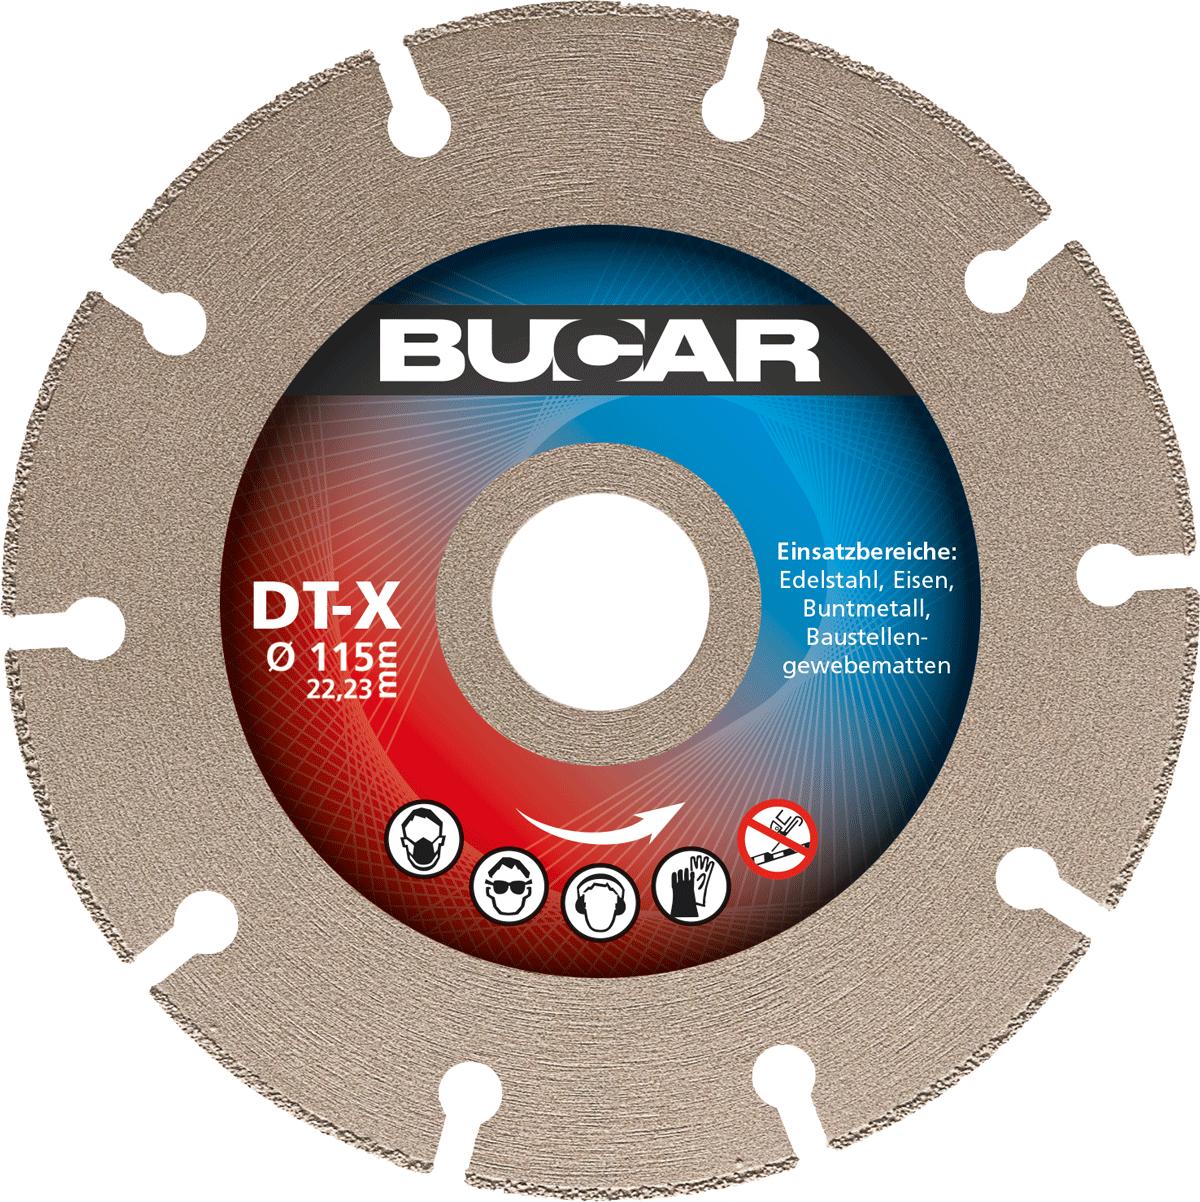 DT-X - Ø 115 mm